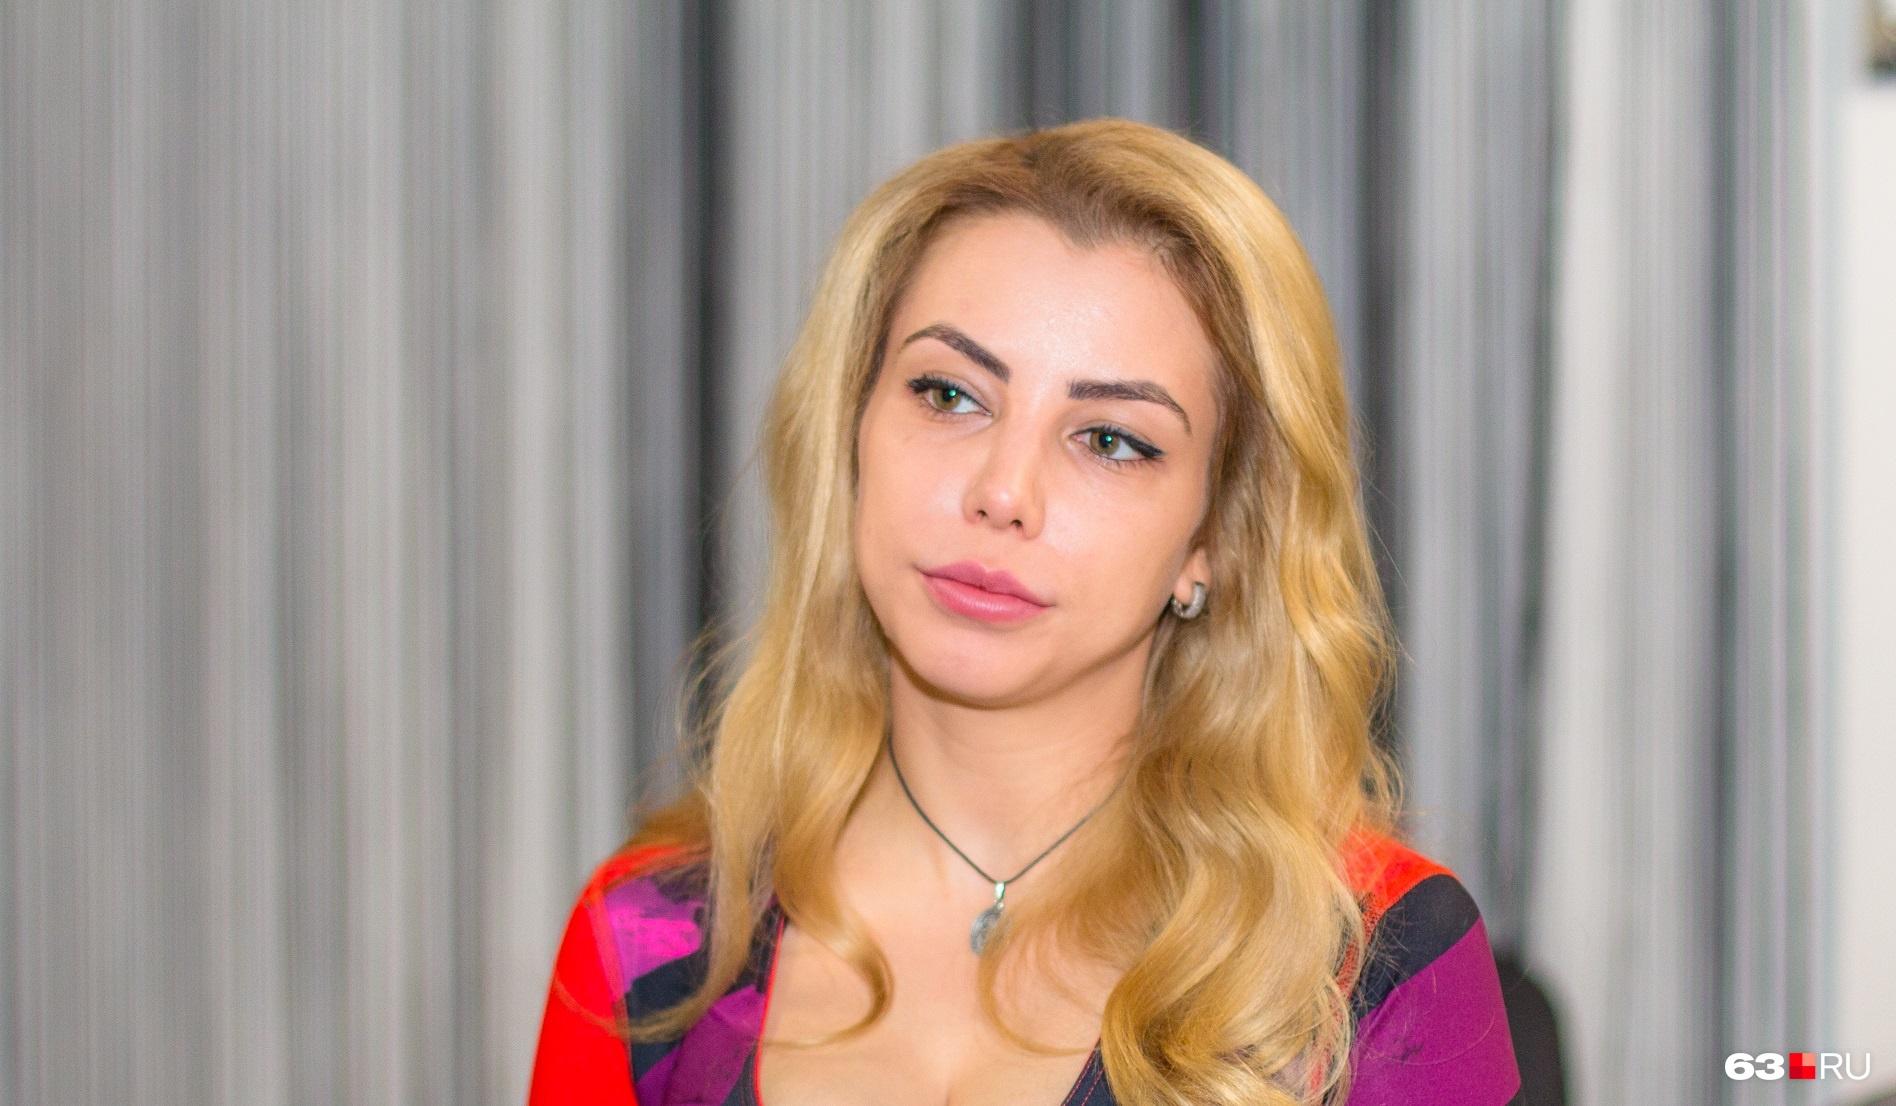 Екатерина сокирская самара фото